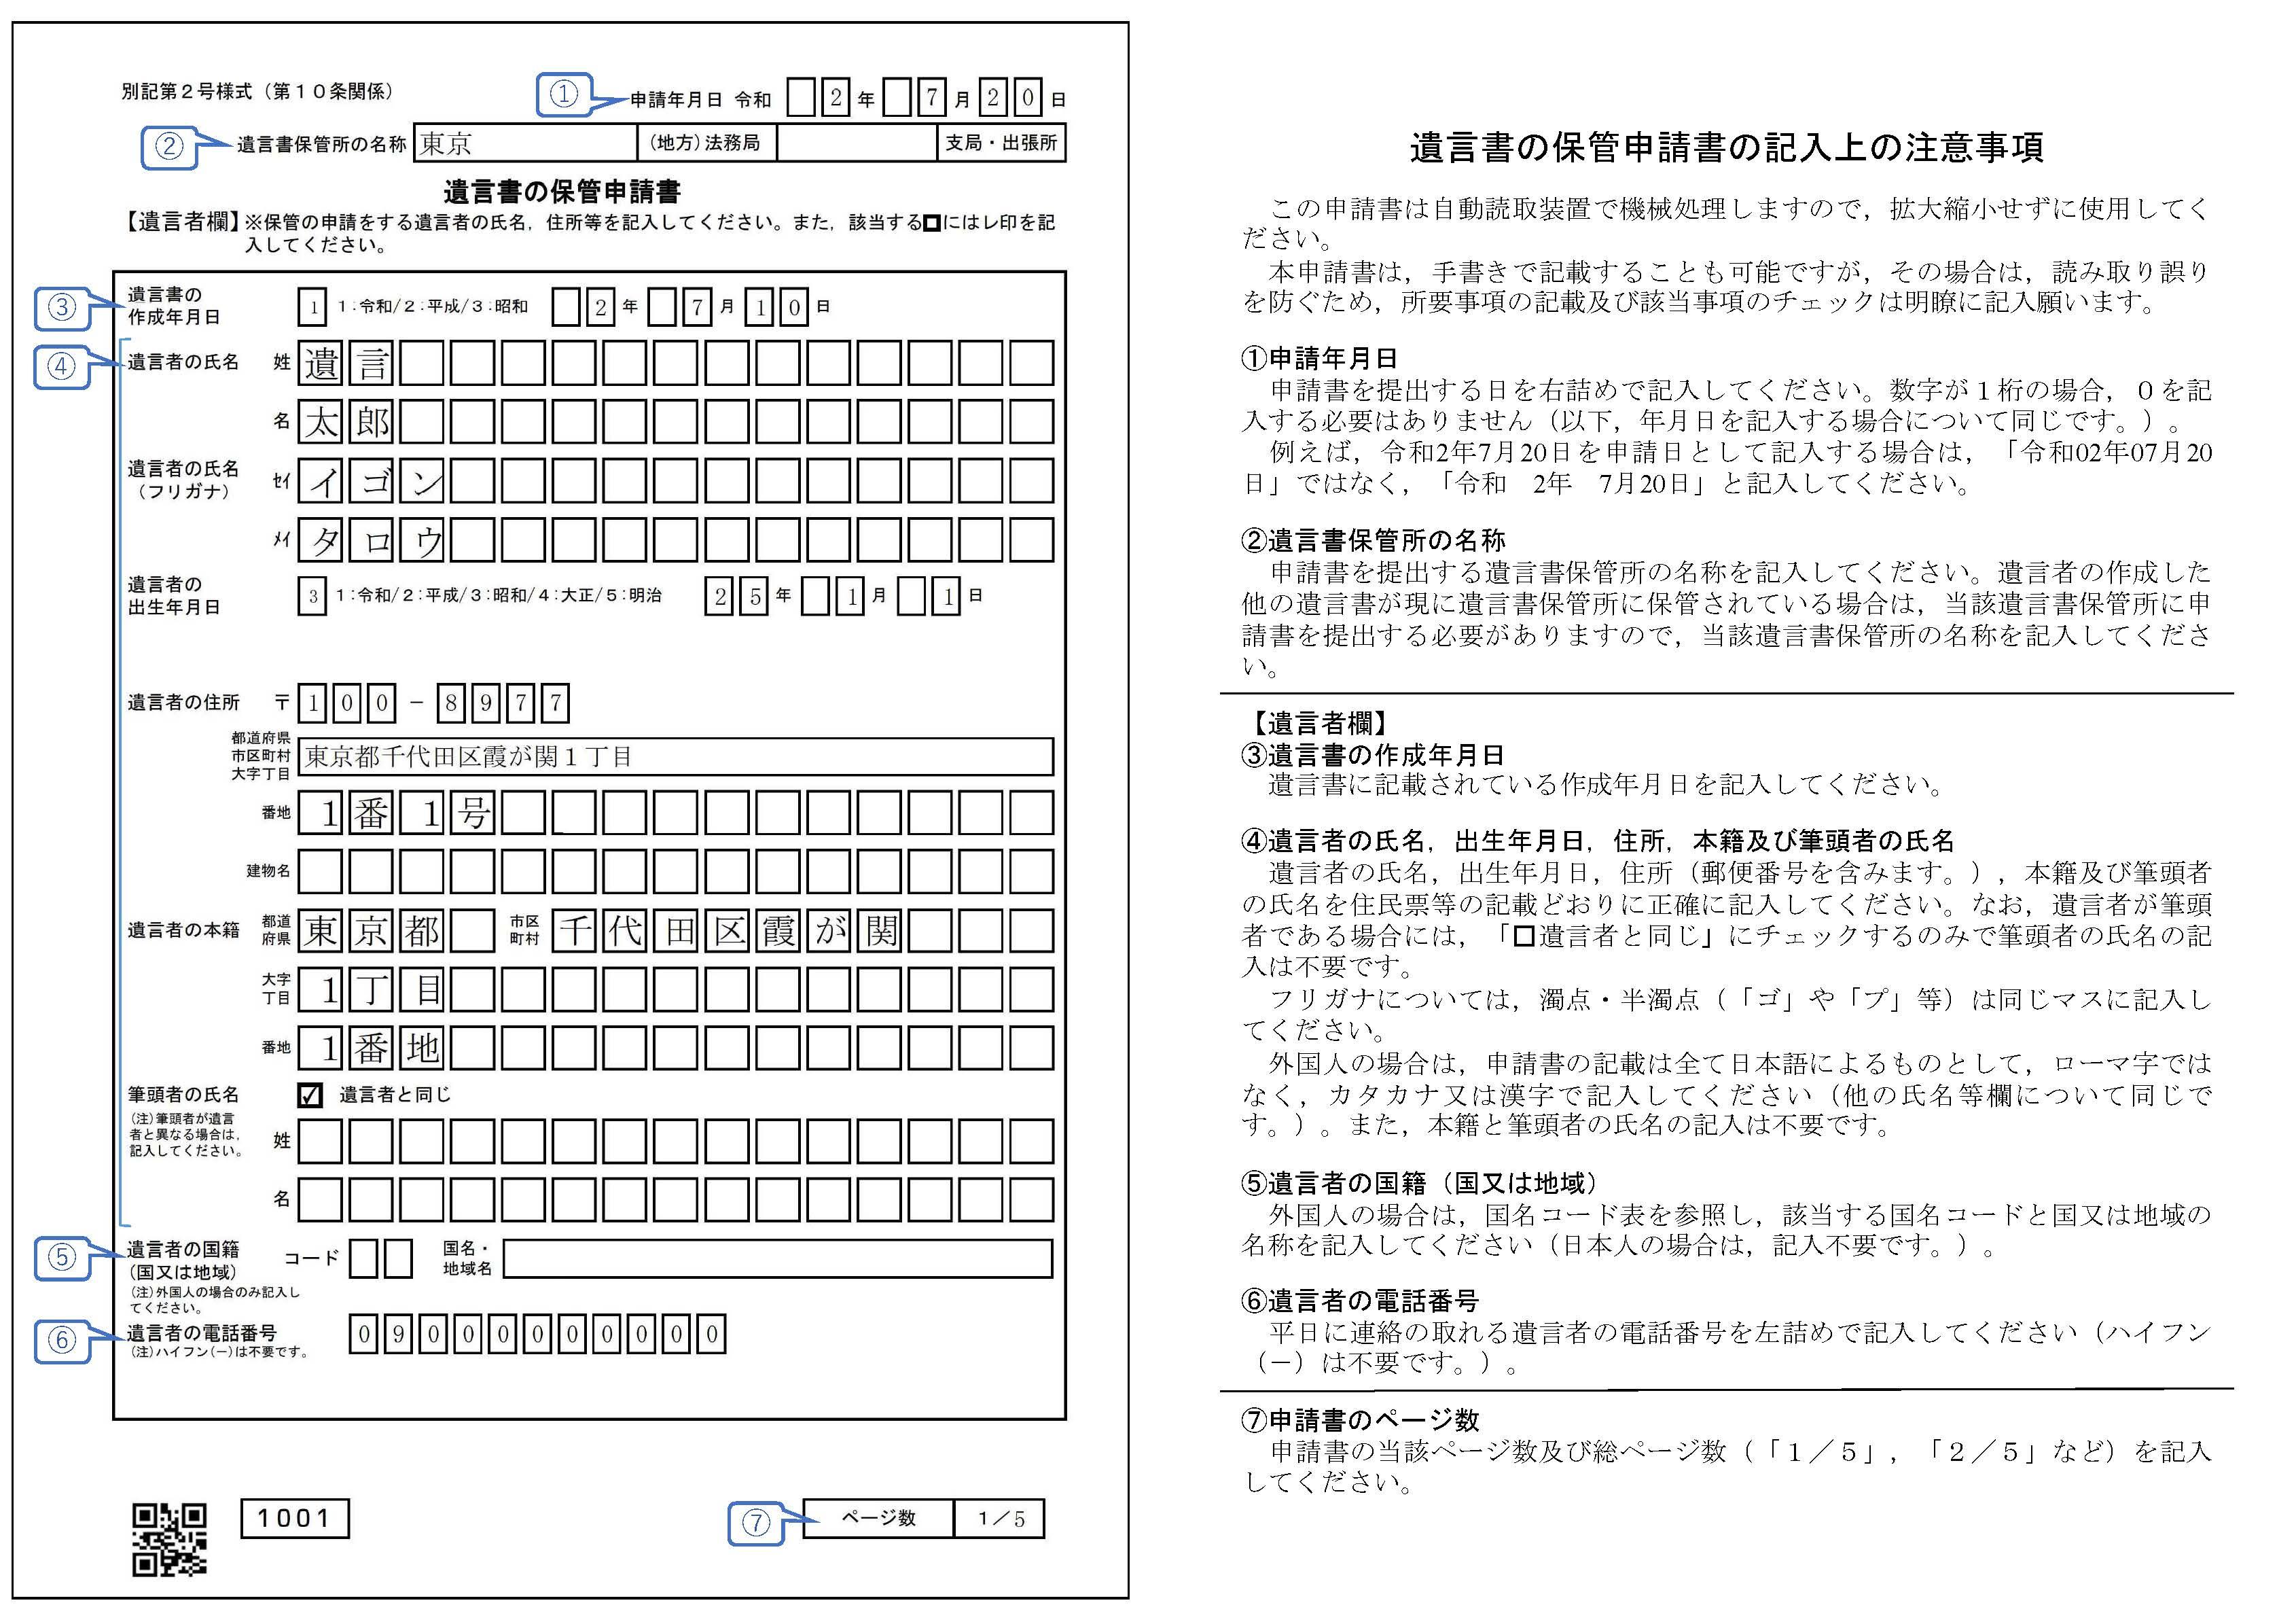 申請書-2-2001321953_ページ_1